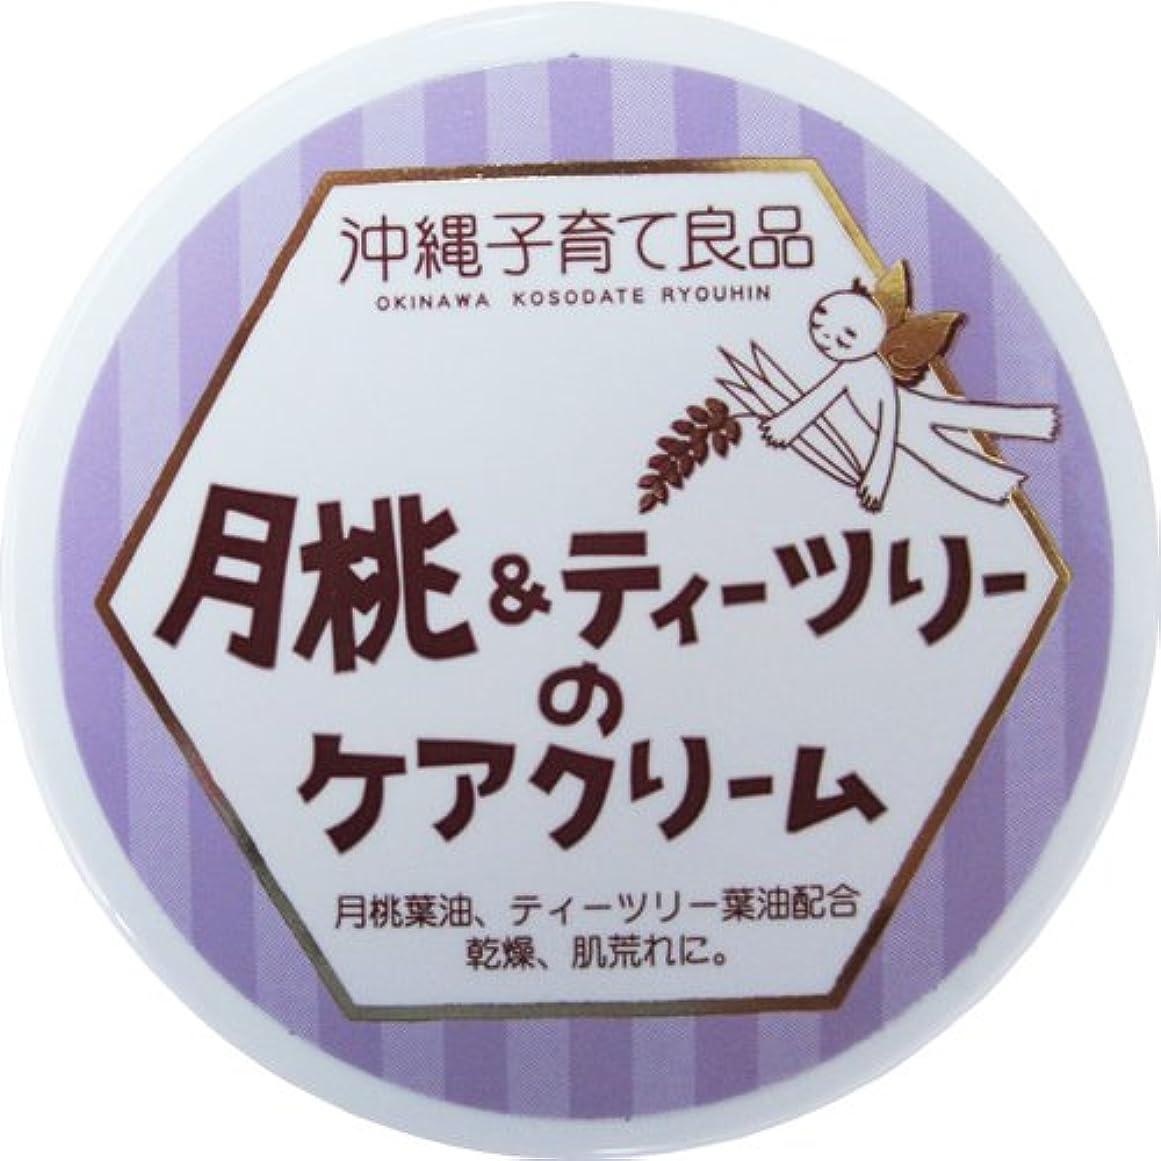 スペクトラム店主パトワ沖縄子育て良品 月桃&ティツリーのケアクリーム (25g)